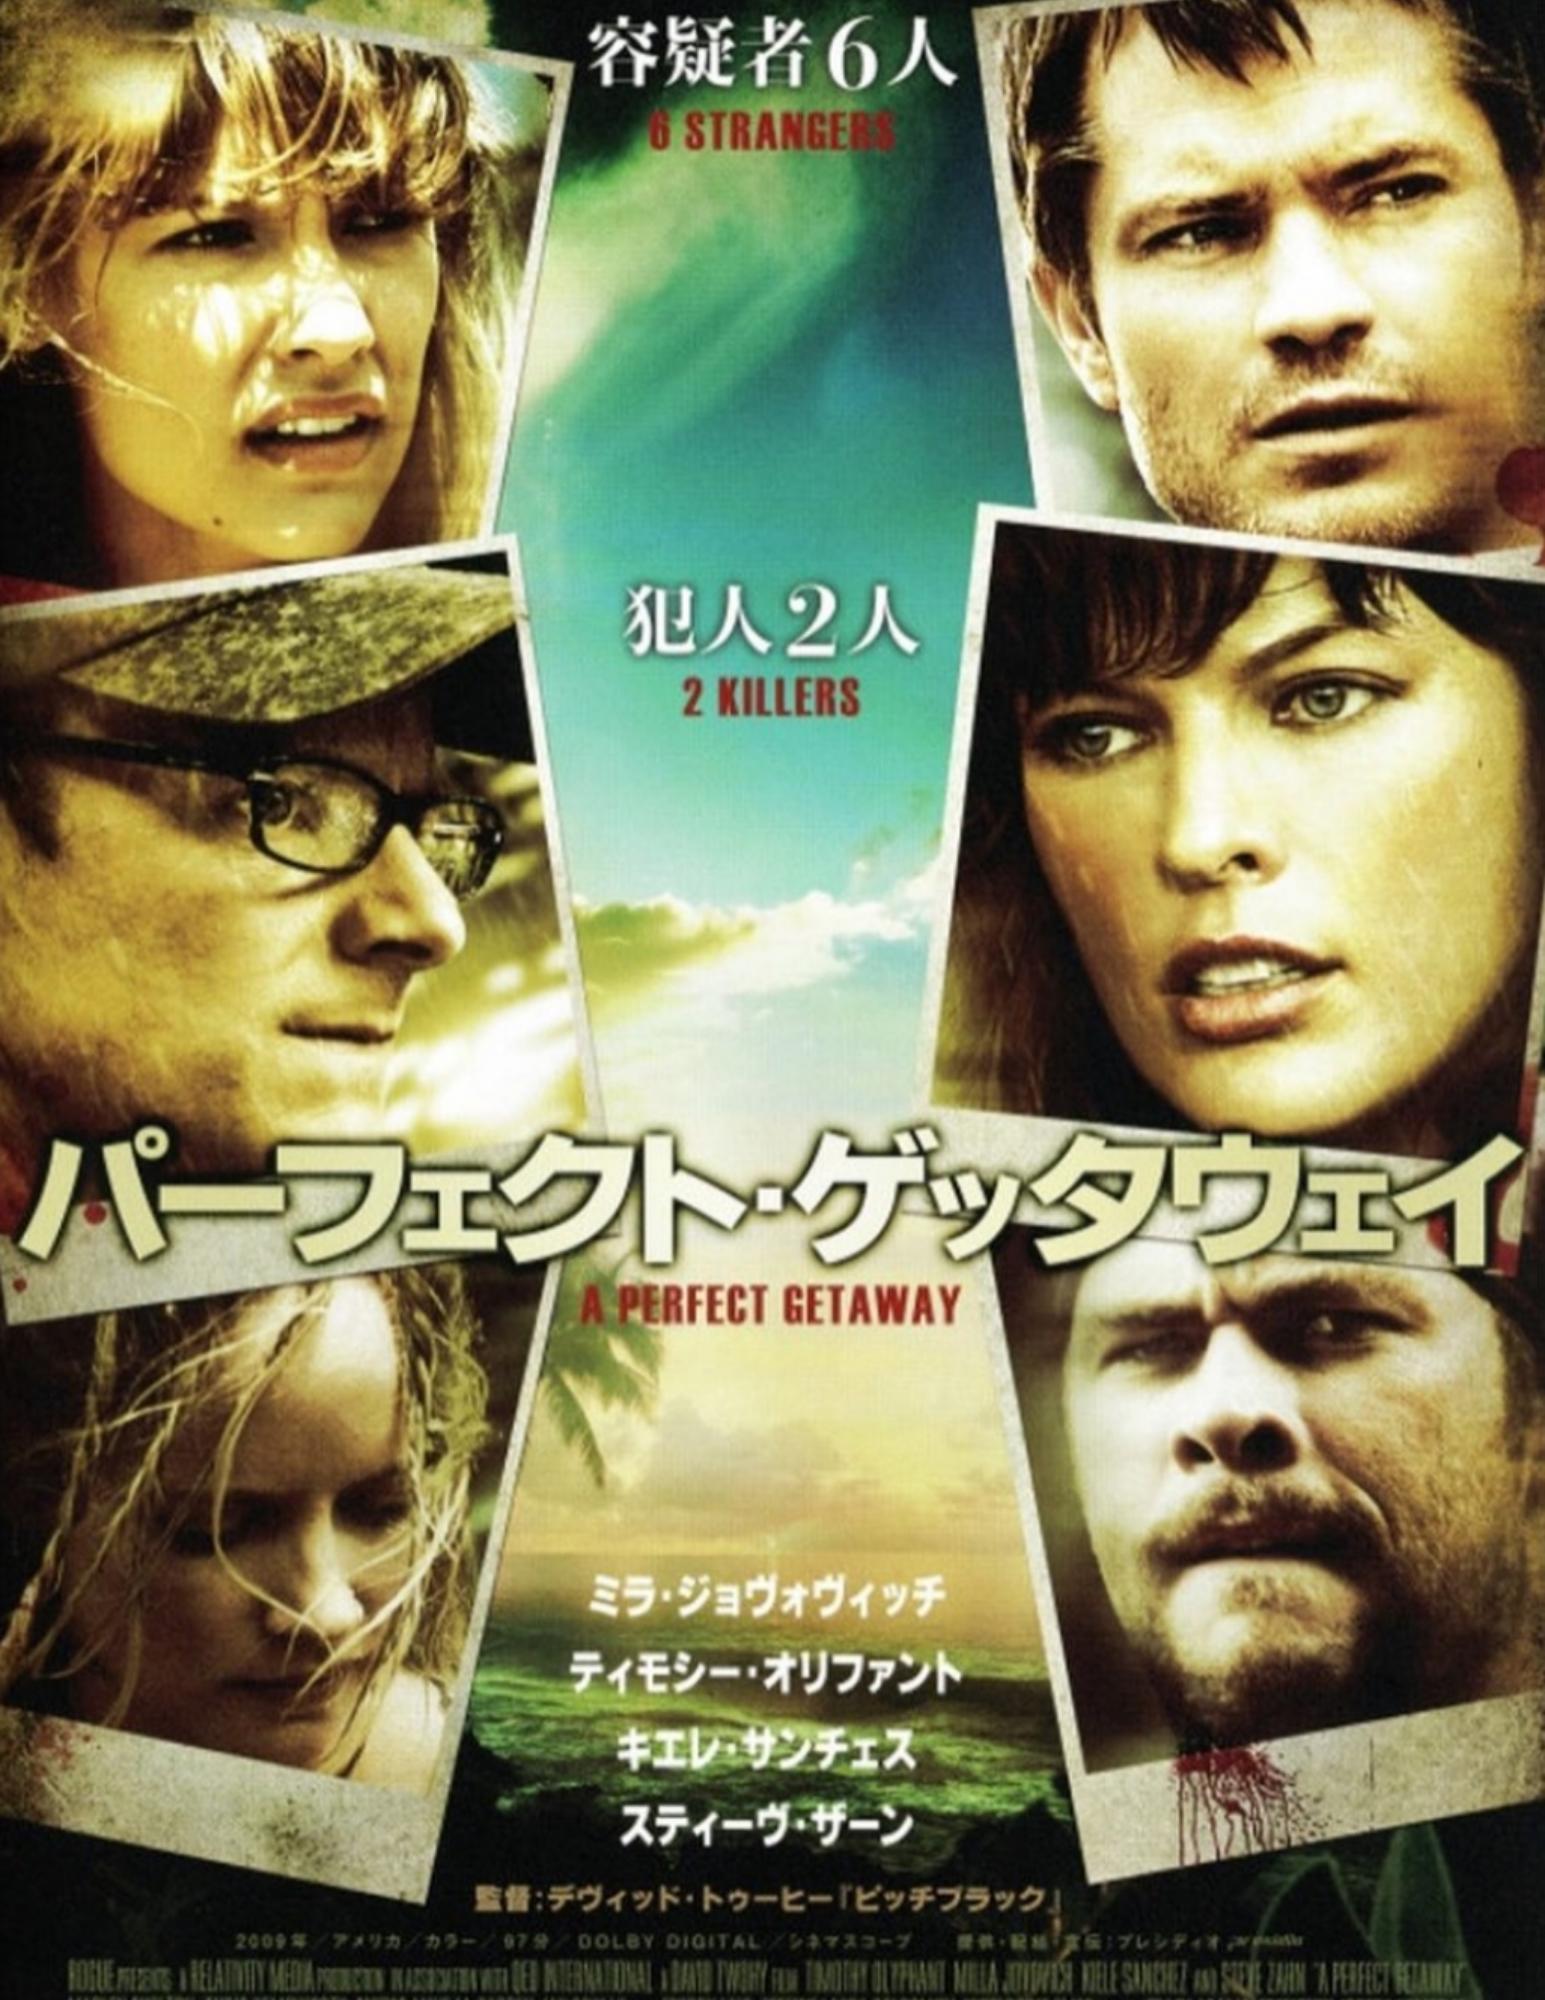 『パーフェクト・ゲッタウェイ』(2009)